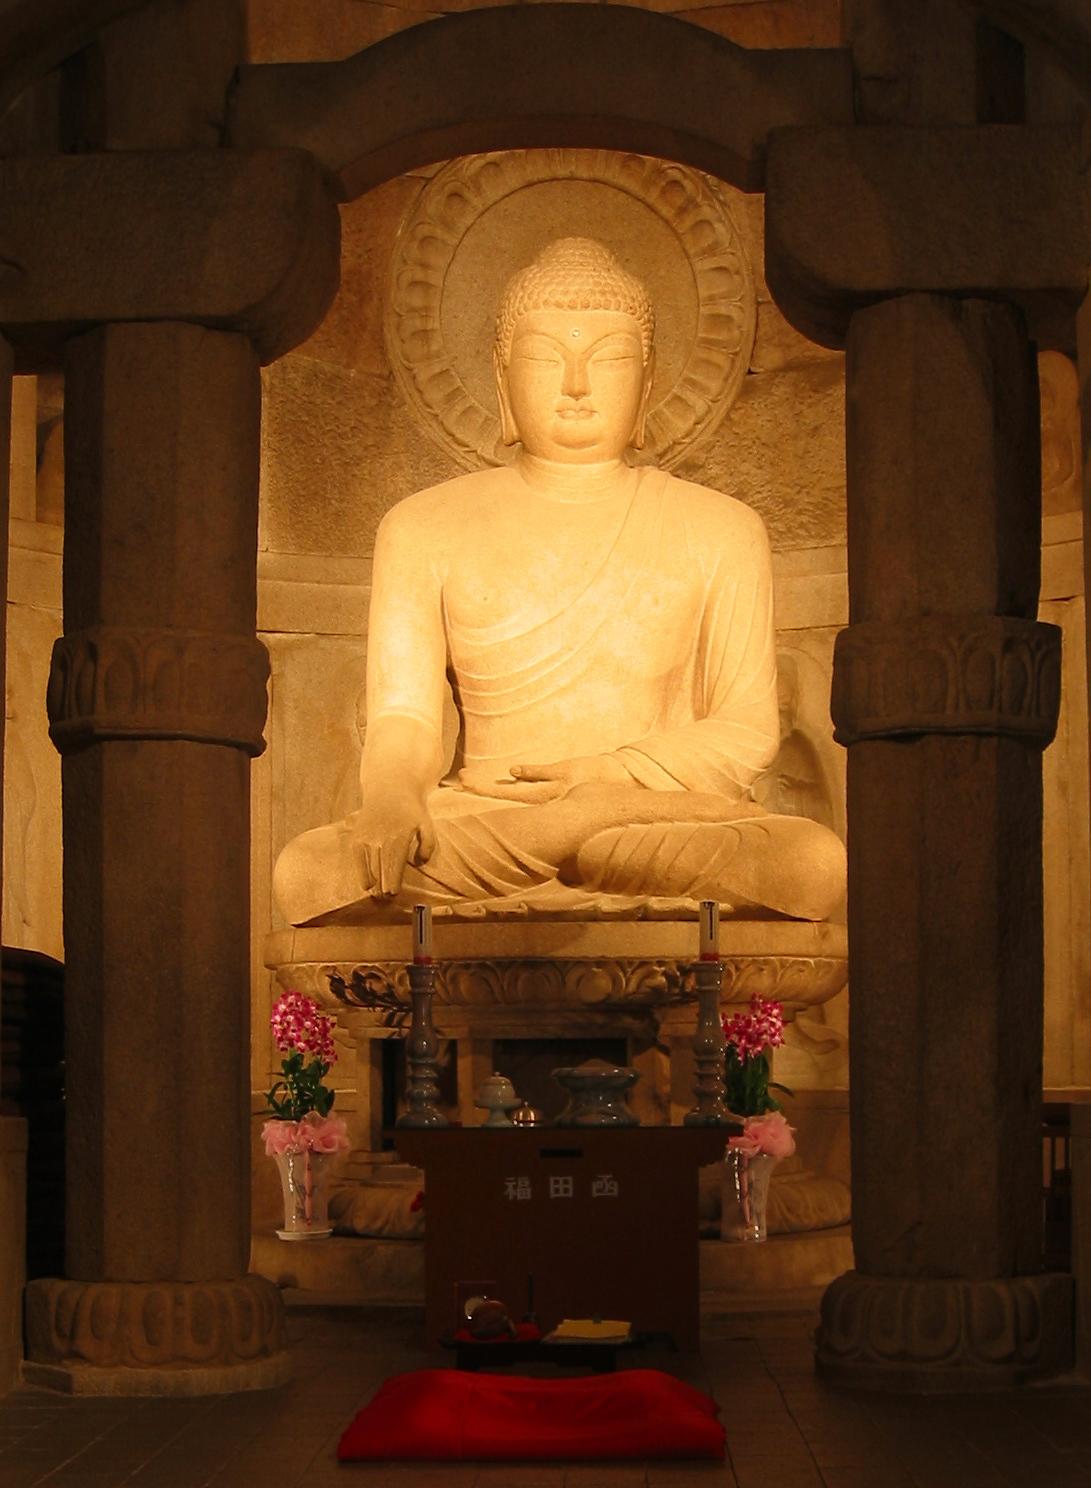 Seokguram Buddha - from Wikipedia